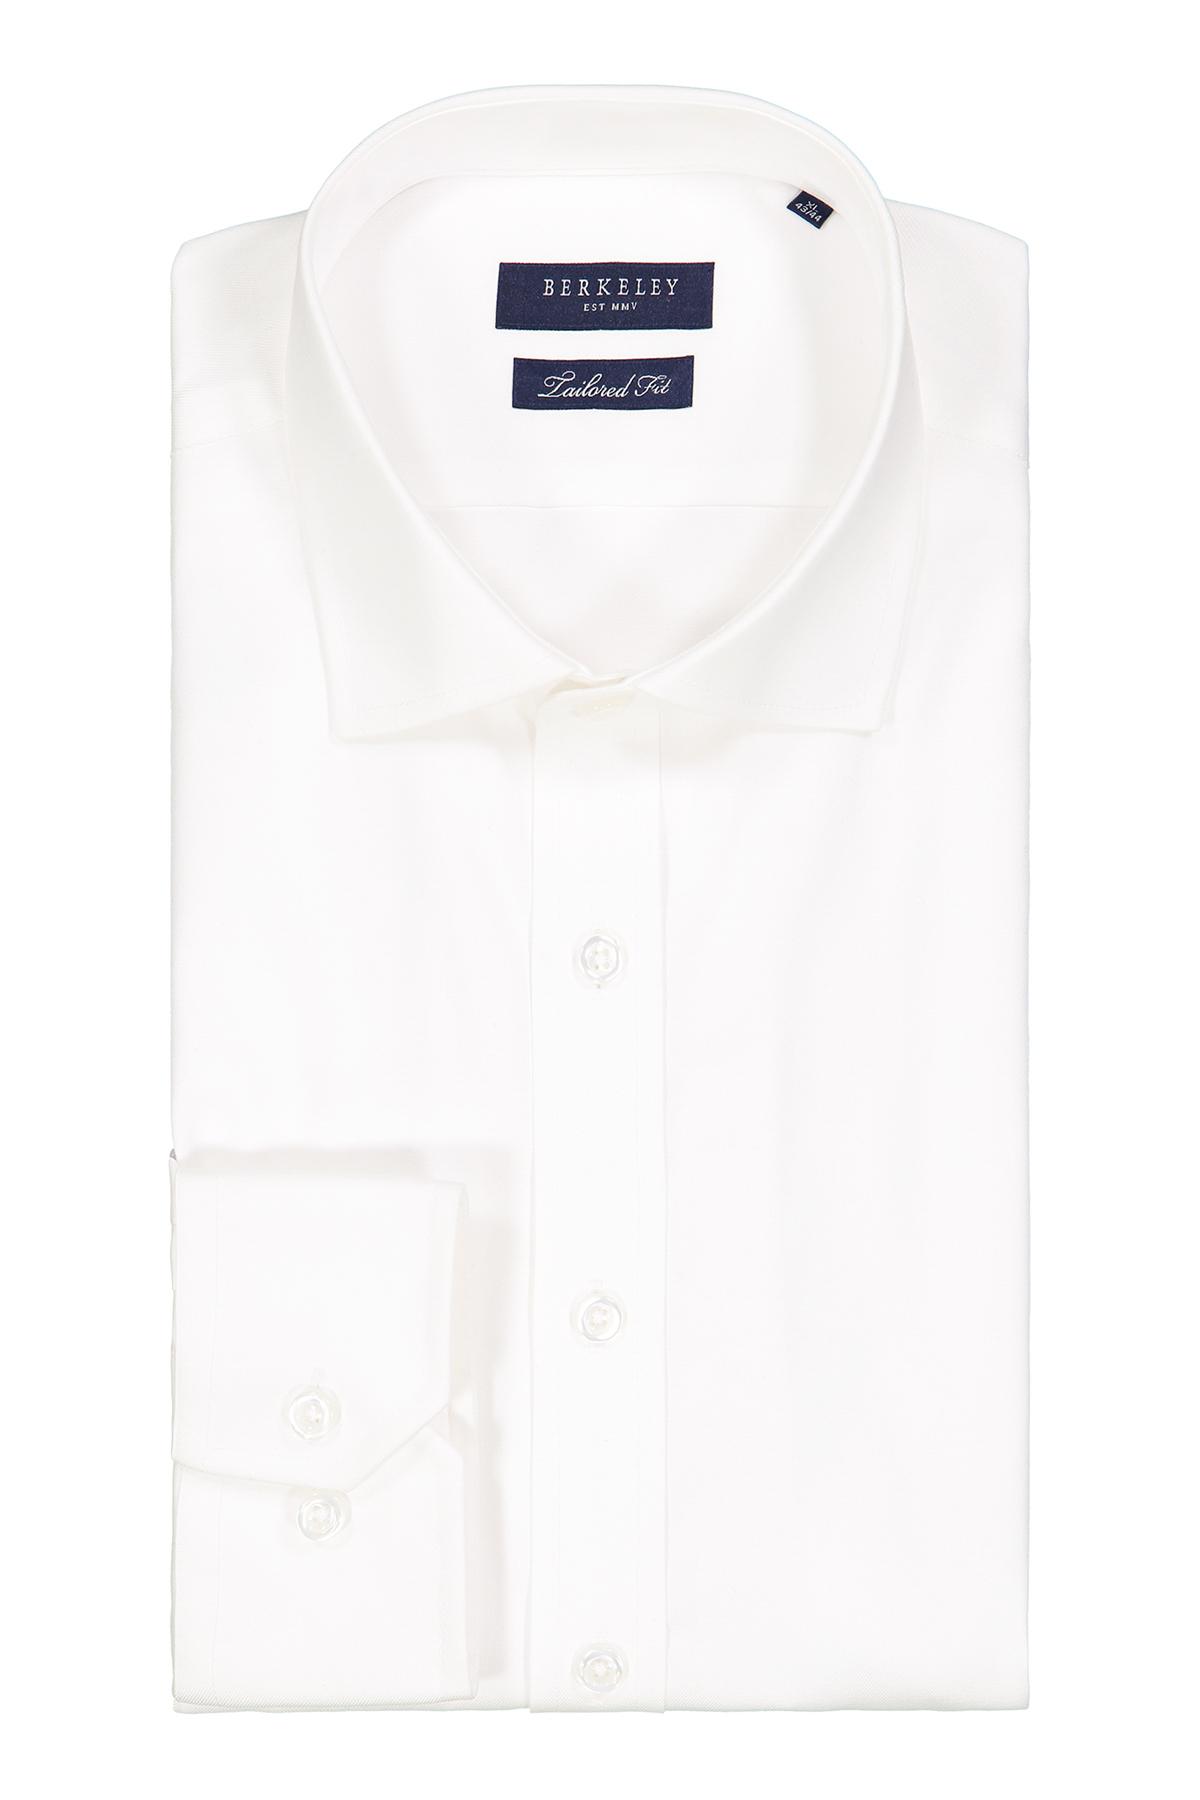 Camisa marca Berkeley, blanca lisa, cuello italiano, puño simple.